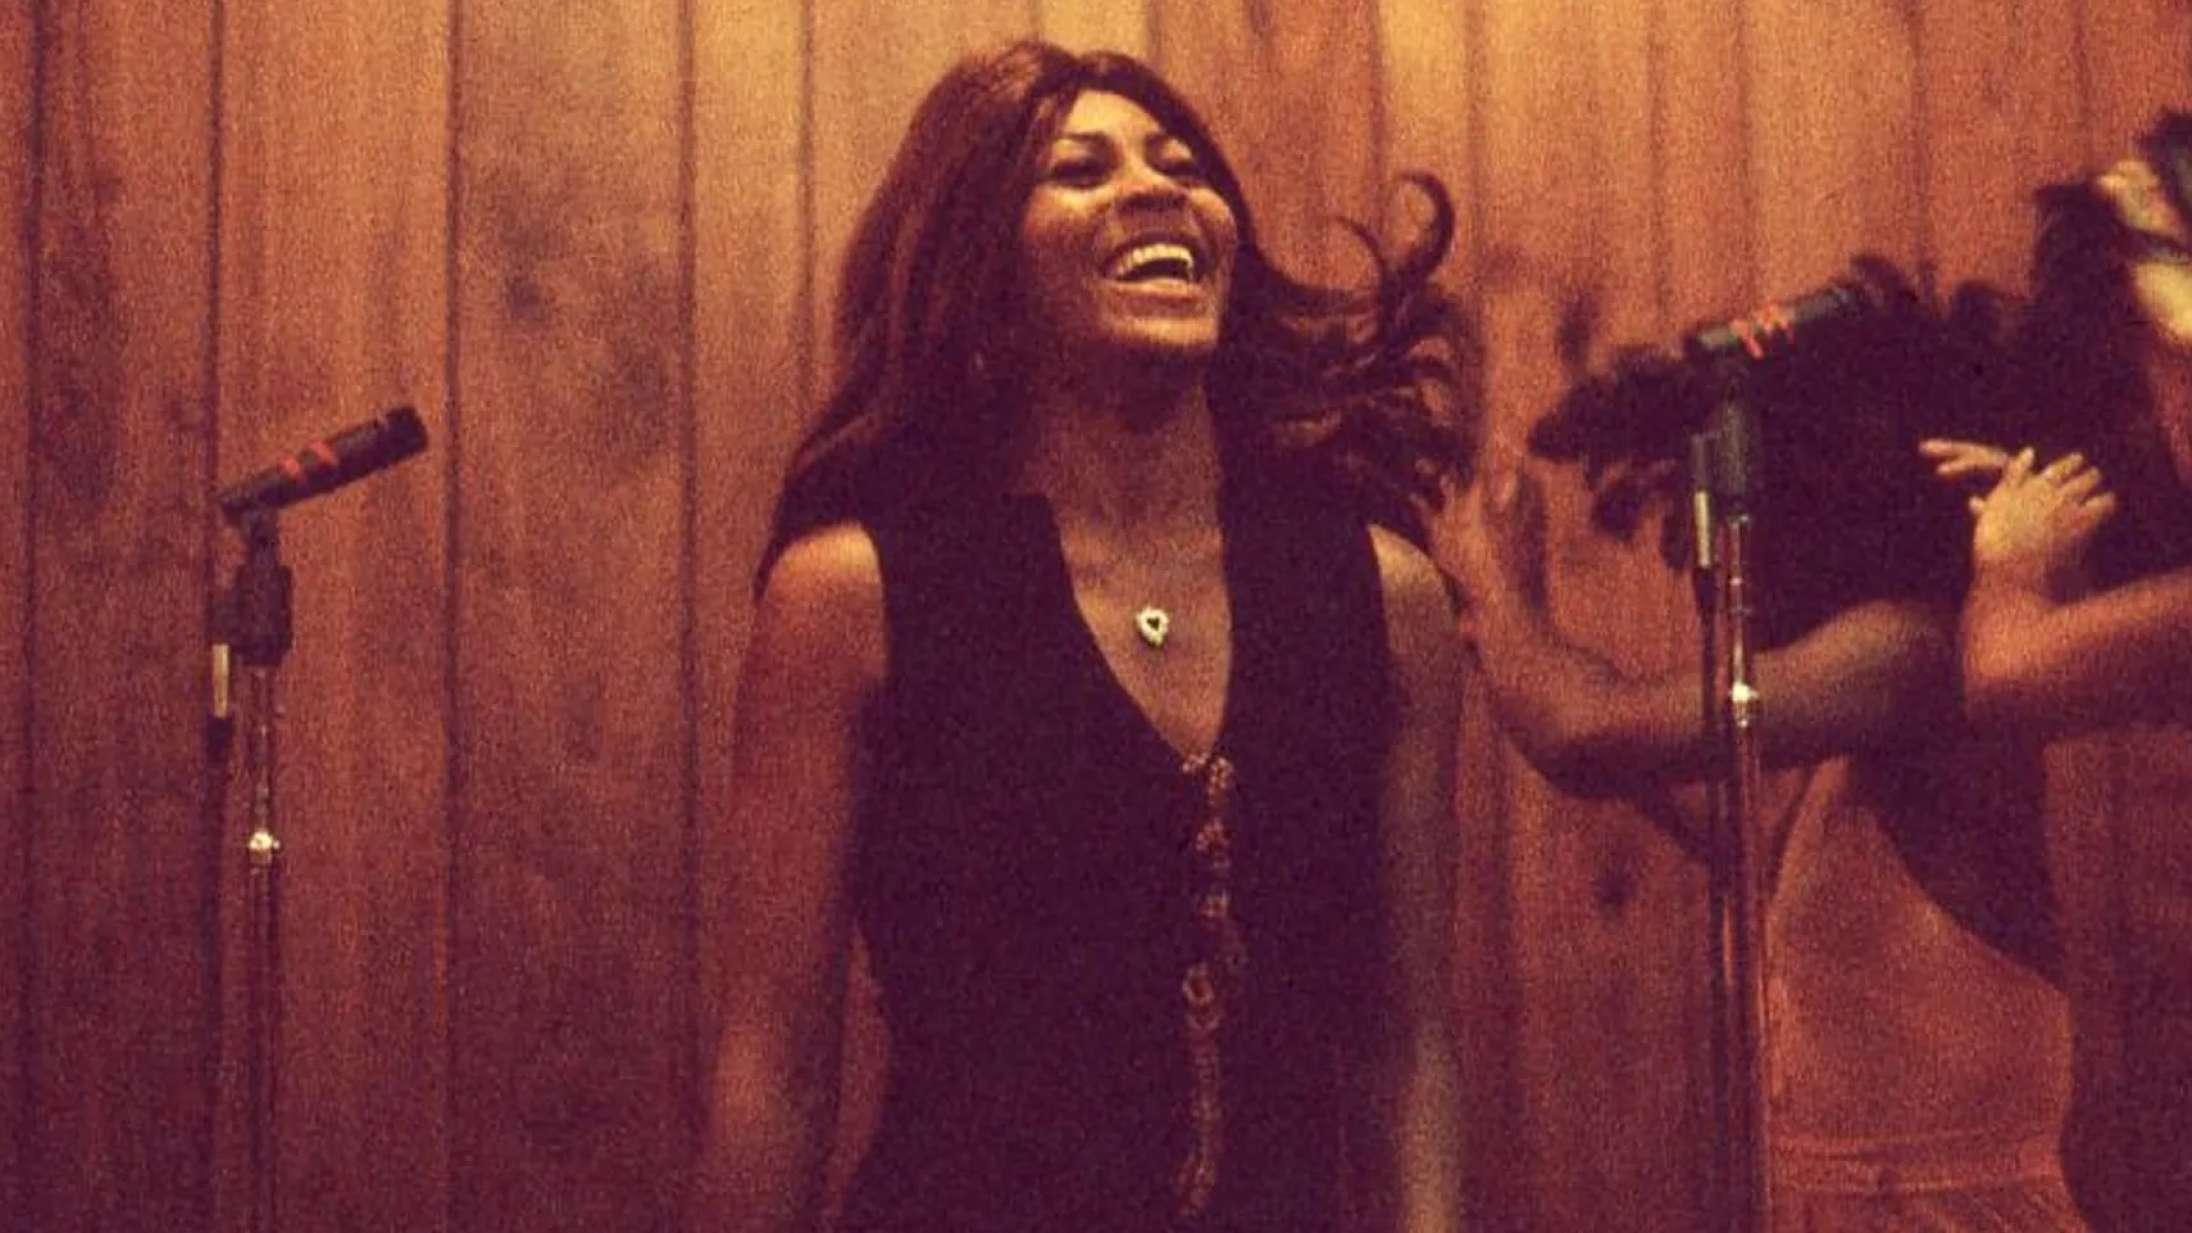 'Tina': Et funklende portræt af Tina Turner og alt, hvad hun har stået igennem